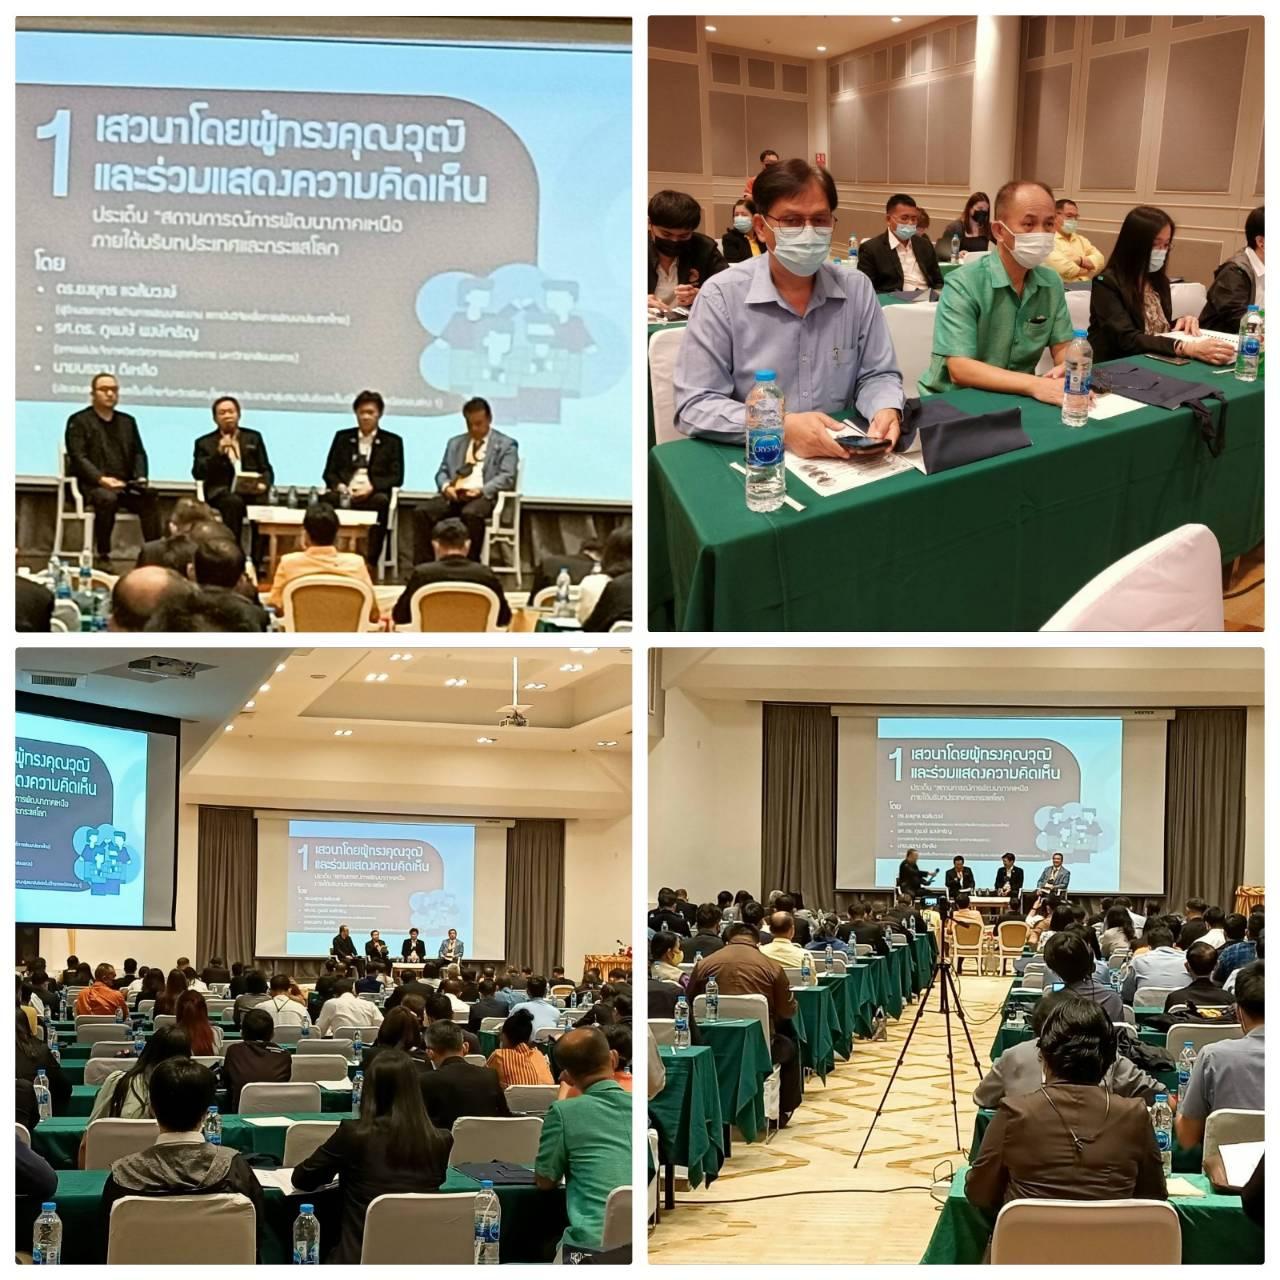 สำนักงานแรงงานจังหวัดพิษณุโลก ประชุมเชิงปฏิบัติการ ครั้งที่ 1 และการประชุมกลุ่มย่อยระดับกลุ่มจังหวัดการวางผังภาคเหนือ (กลุ่มภาคเหนือตอนล่าง)